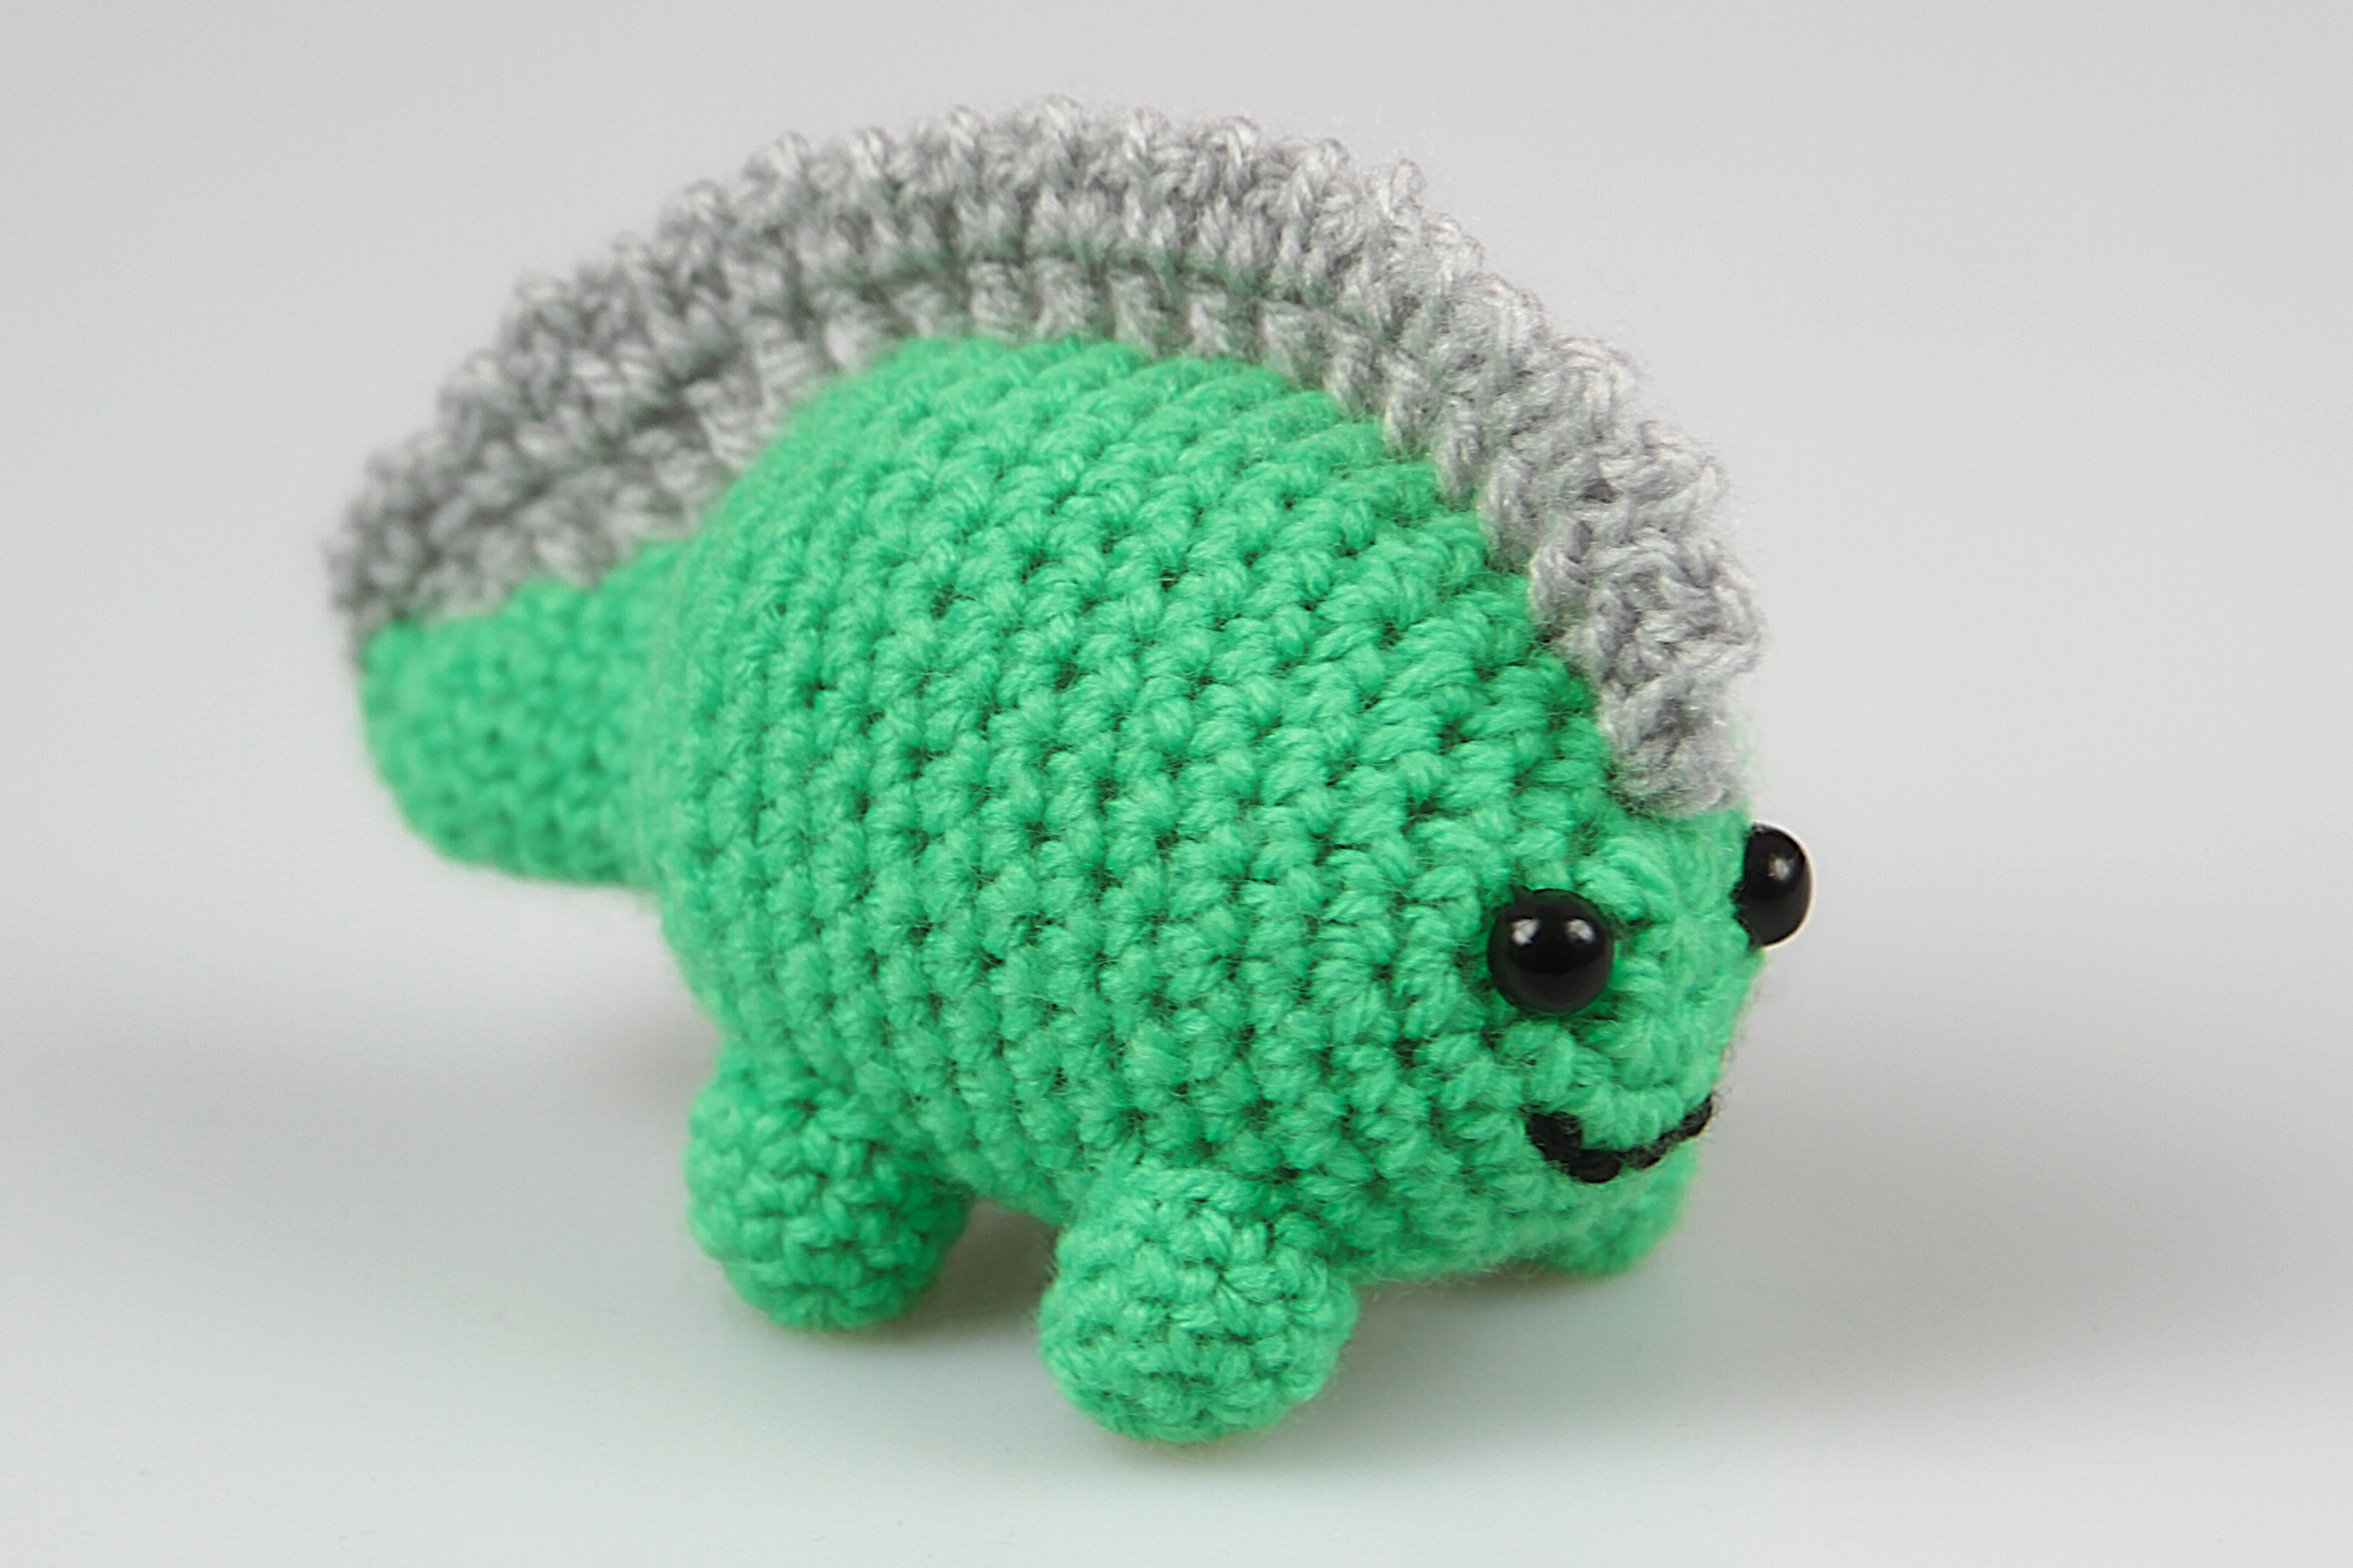 Dinosaur crochet pattern crochet dinosaur t-rex crochet | Etsy | 2187x3281